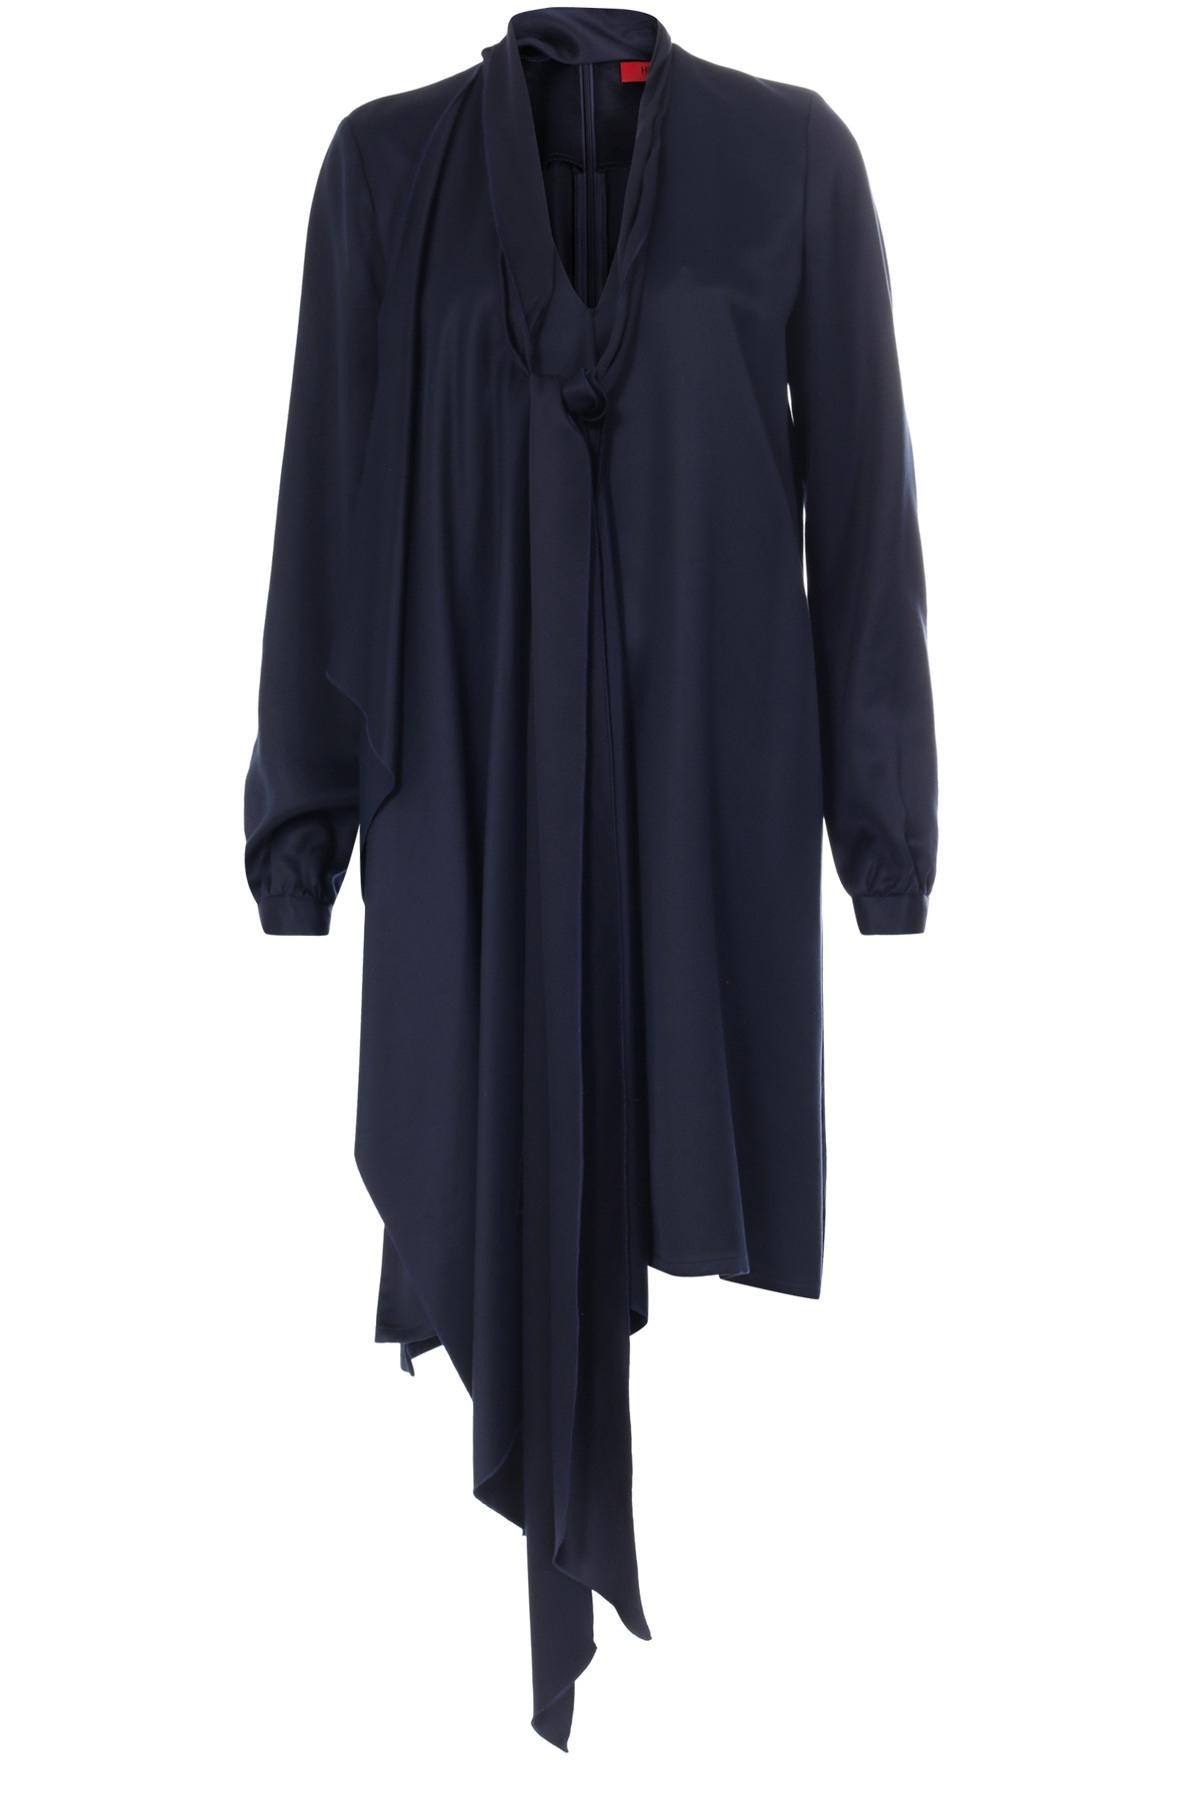 Cool Kleid Dunkelblau für 201917 Ausgezeichnet Kleid Dunkelblau Stylish